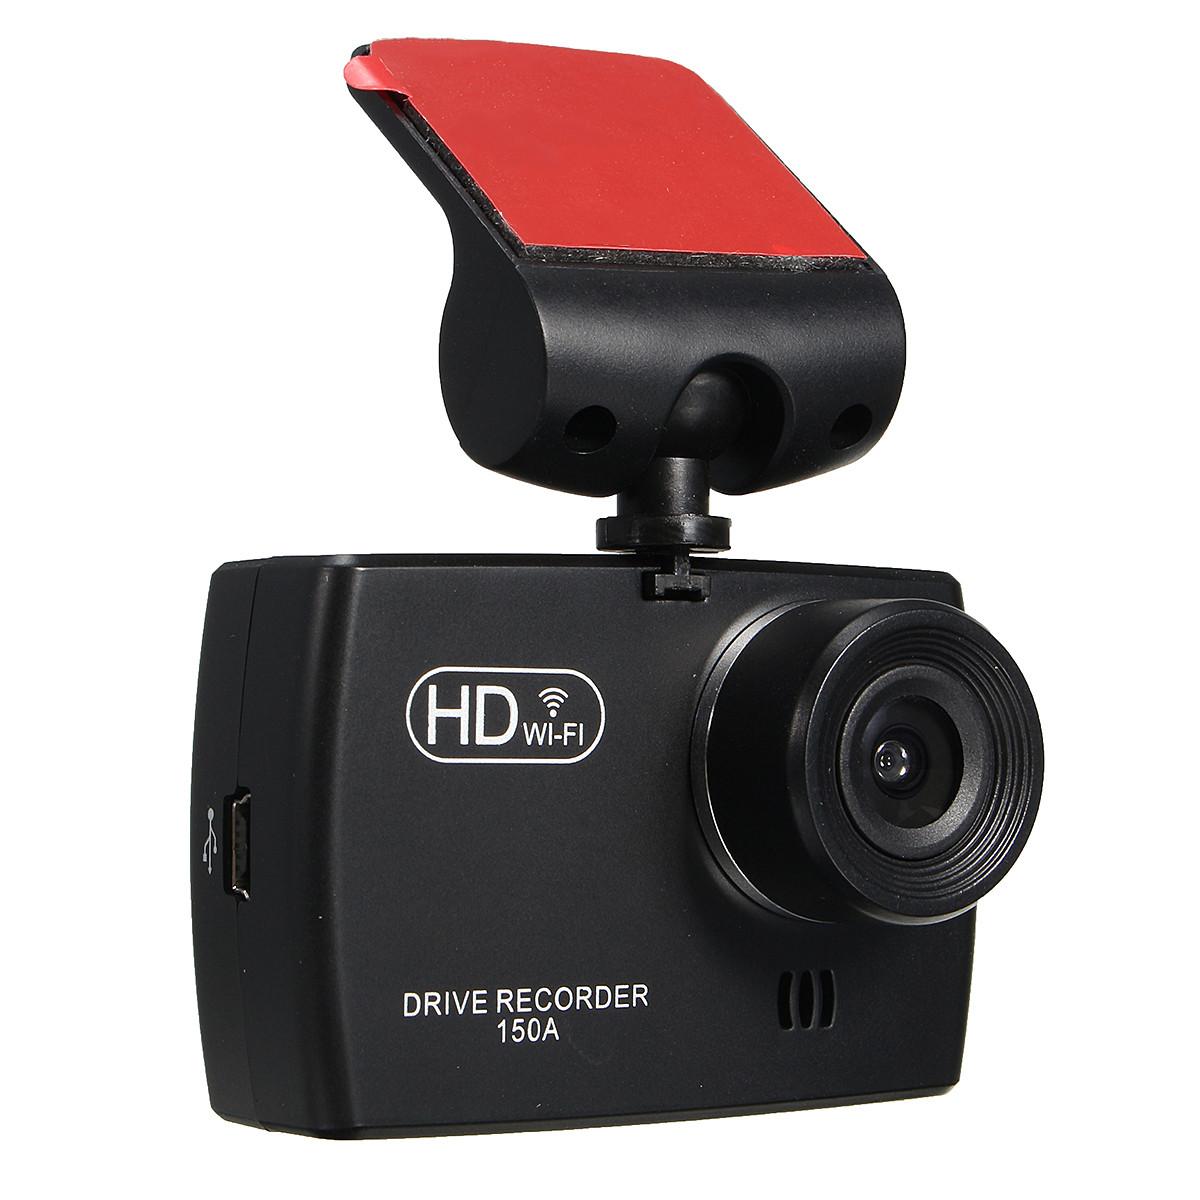 Купить автомобильные видеорегистраторы из китая видеорегистратор каркам 3g full hd